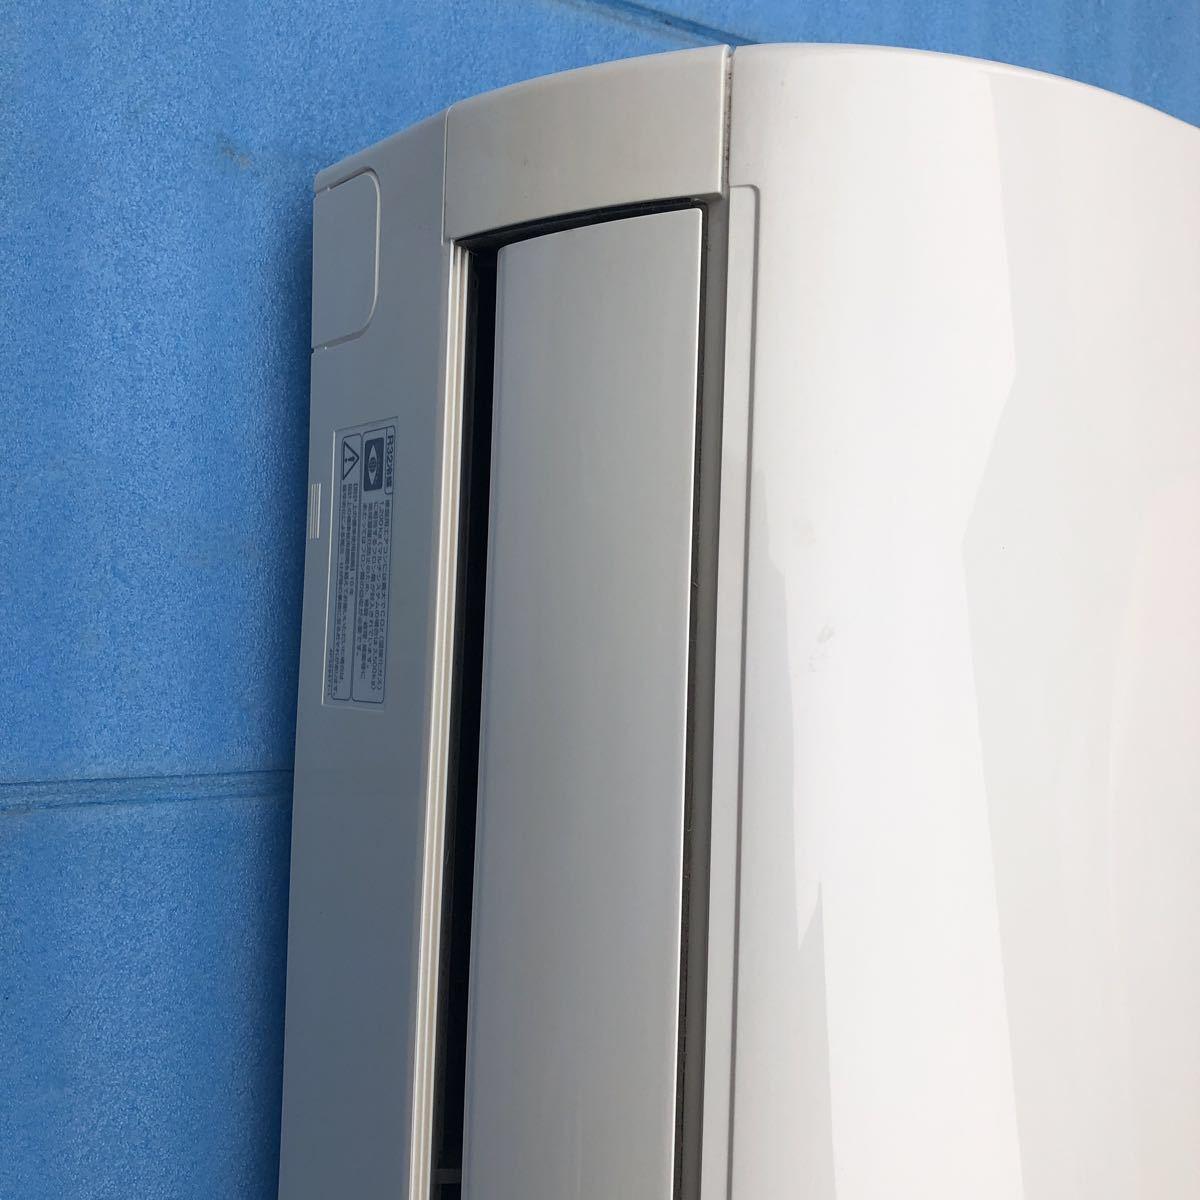 ダイキン DAIKIN 2014年製 光速ストリーマ搭載 ルームエアコン 3.6kW ~15畳 AN36RES 中古品 送料安 禁煙 ペット無し_画像6